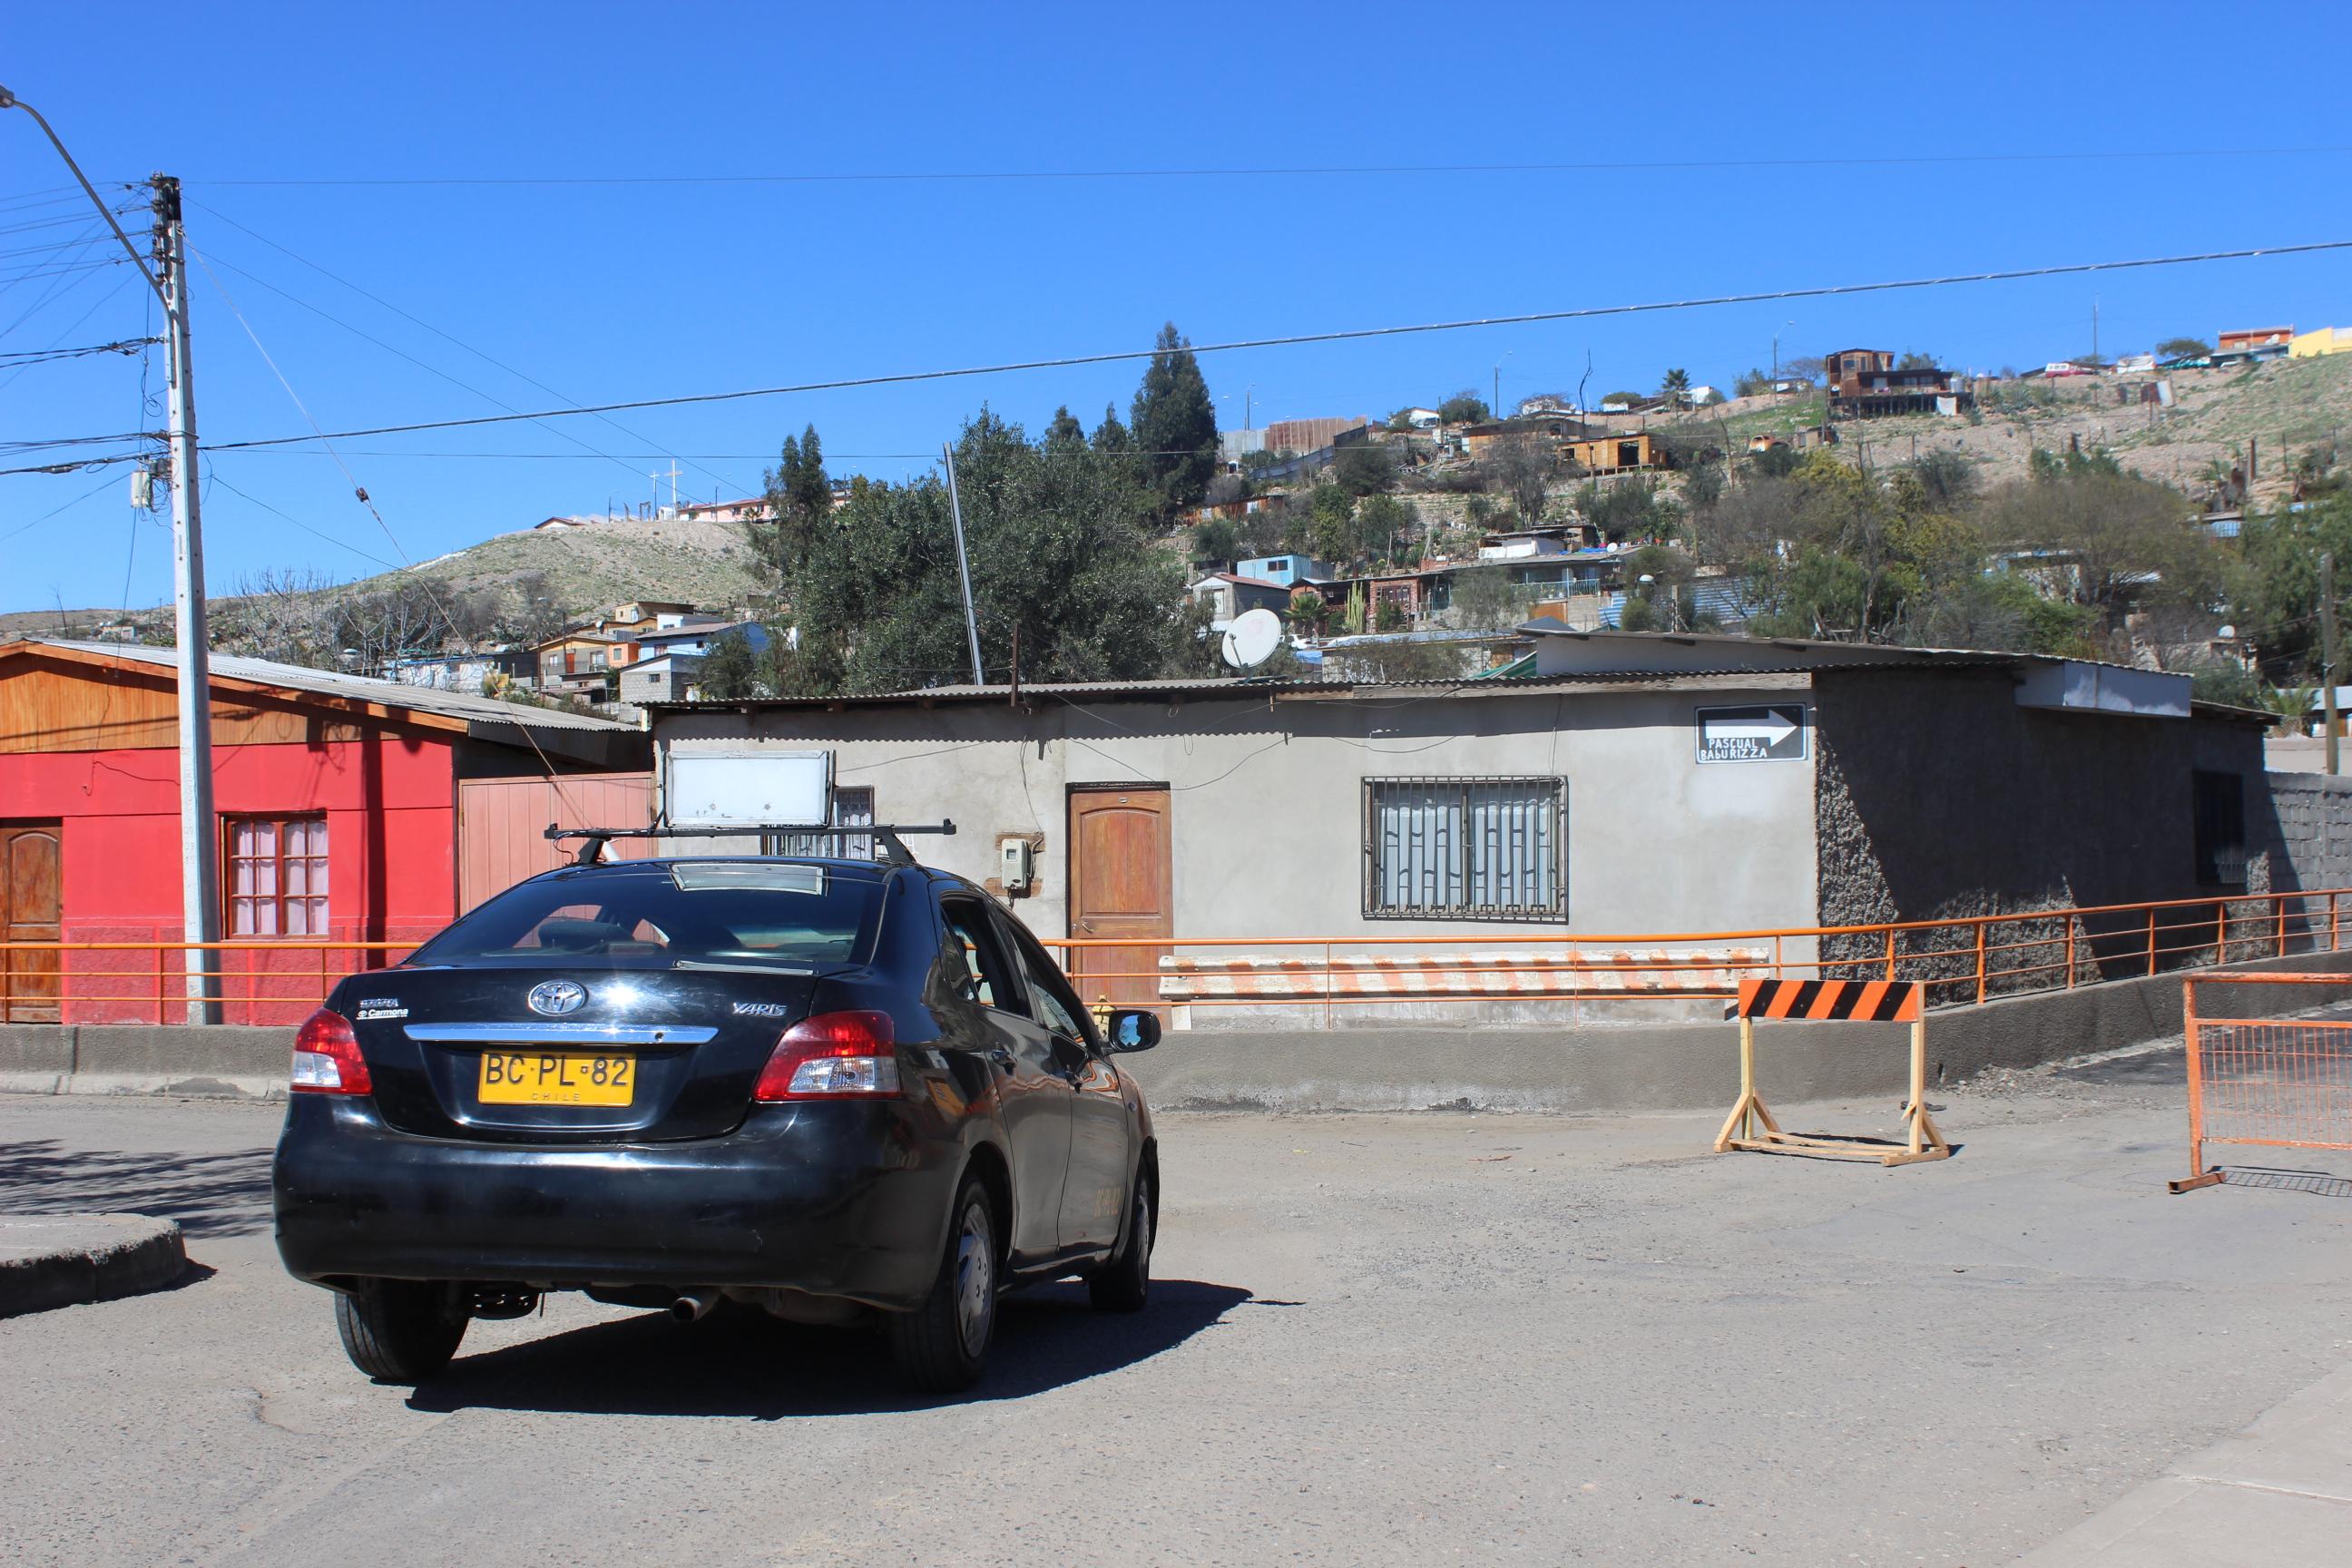 Colectiveros de Torreblanca suben tarifas producto de mal estado de calles y alza de bencinas